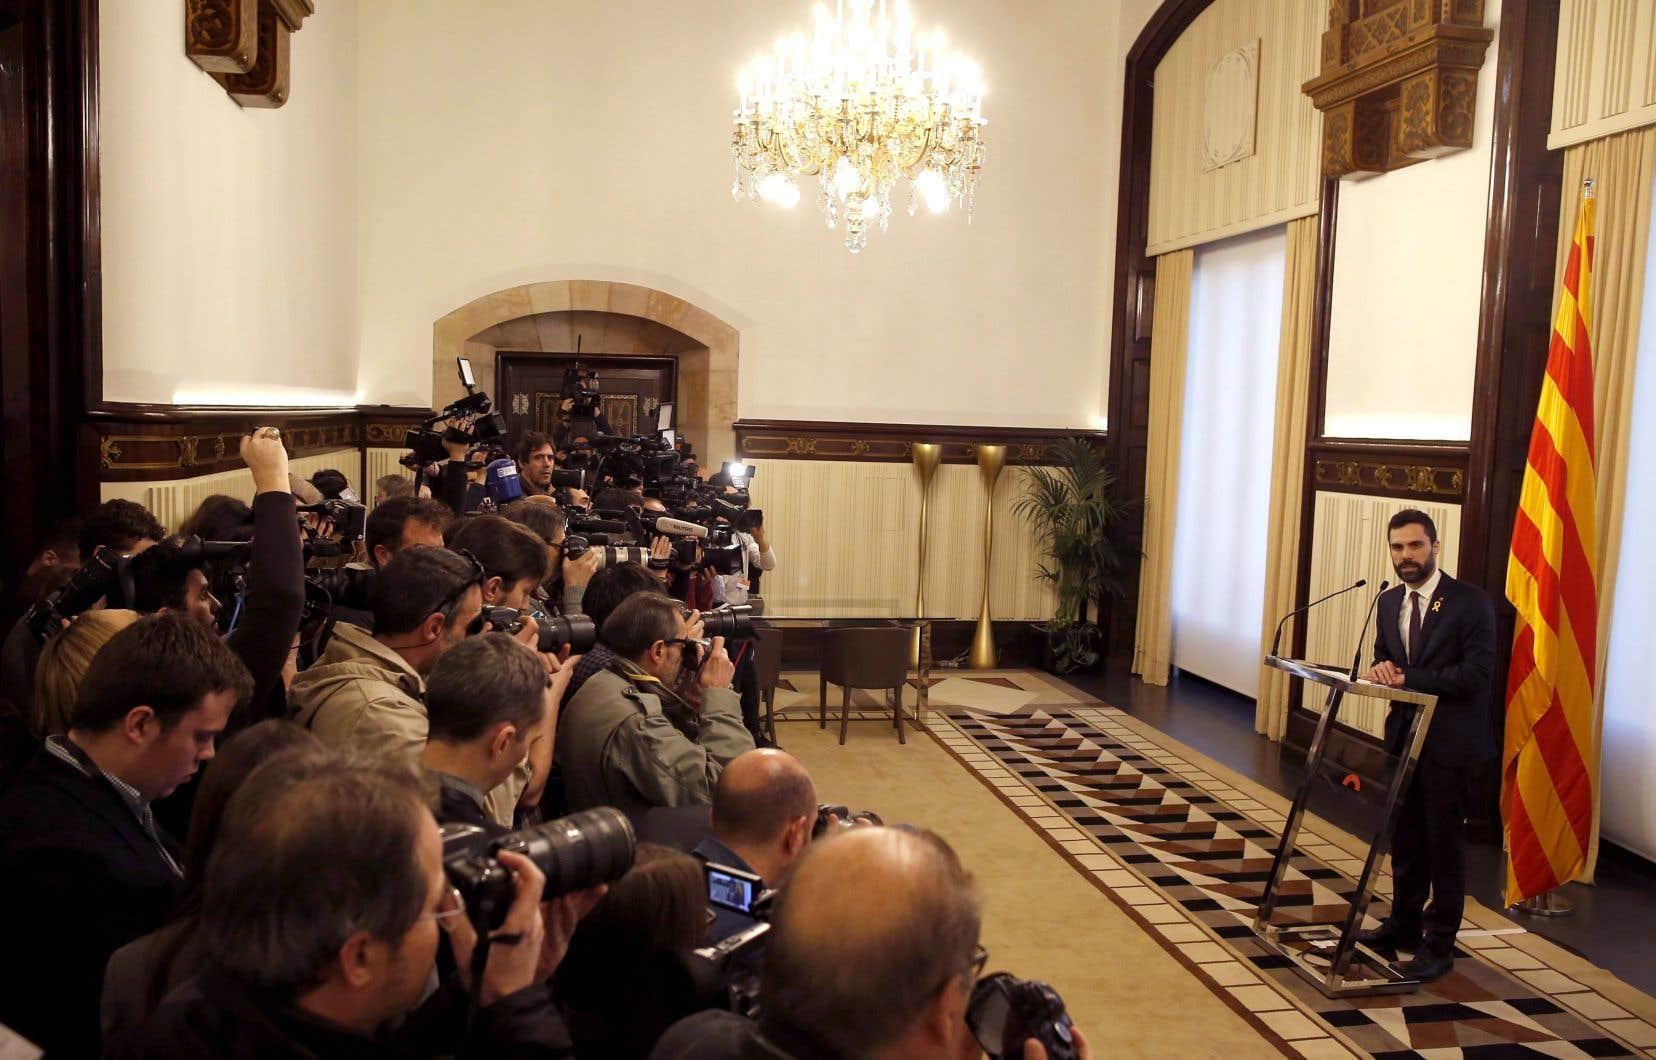 Le président indépendantiste du Parlement Roger Torrent a préféré temporiser et repousser la séance, tout en assurant qu'il voulait permettre que la session se tienne avec «toutes les garanties».